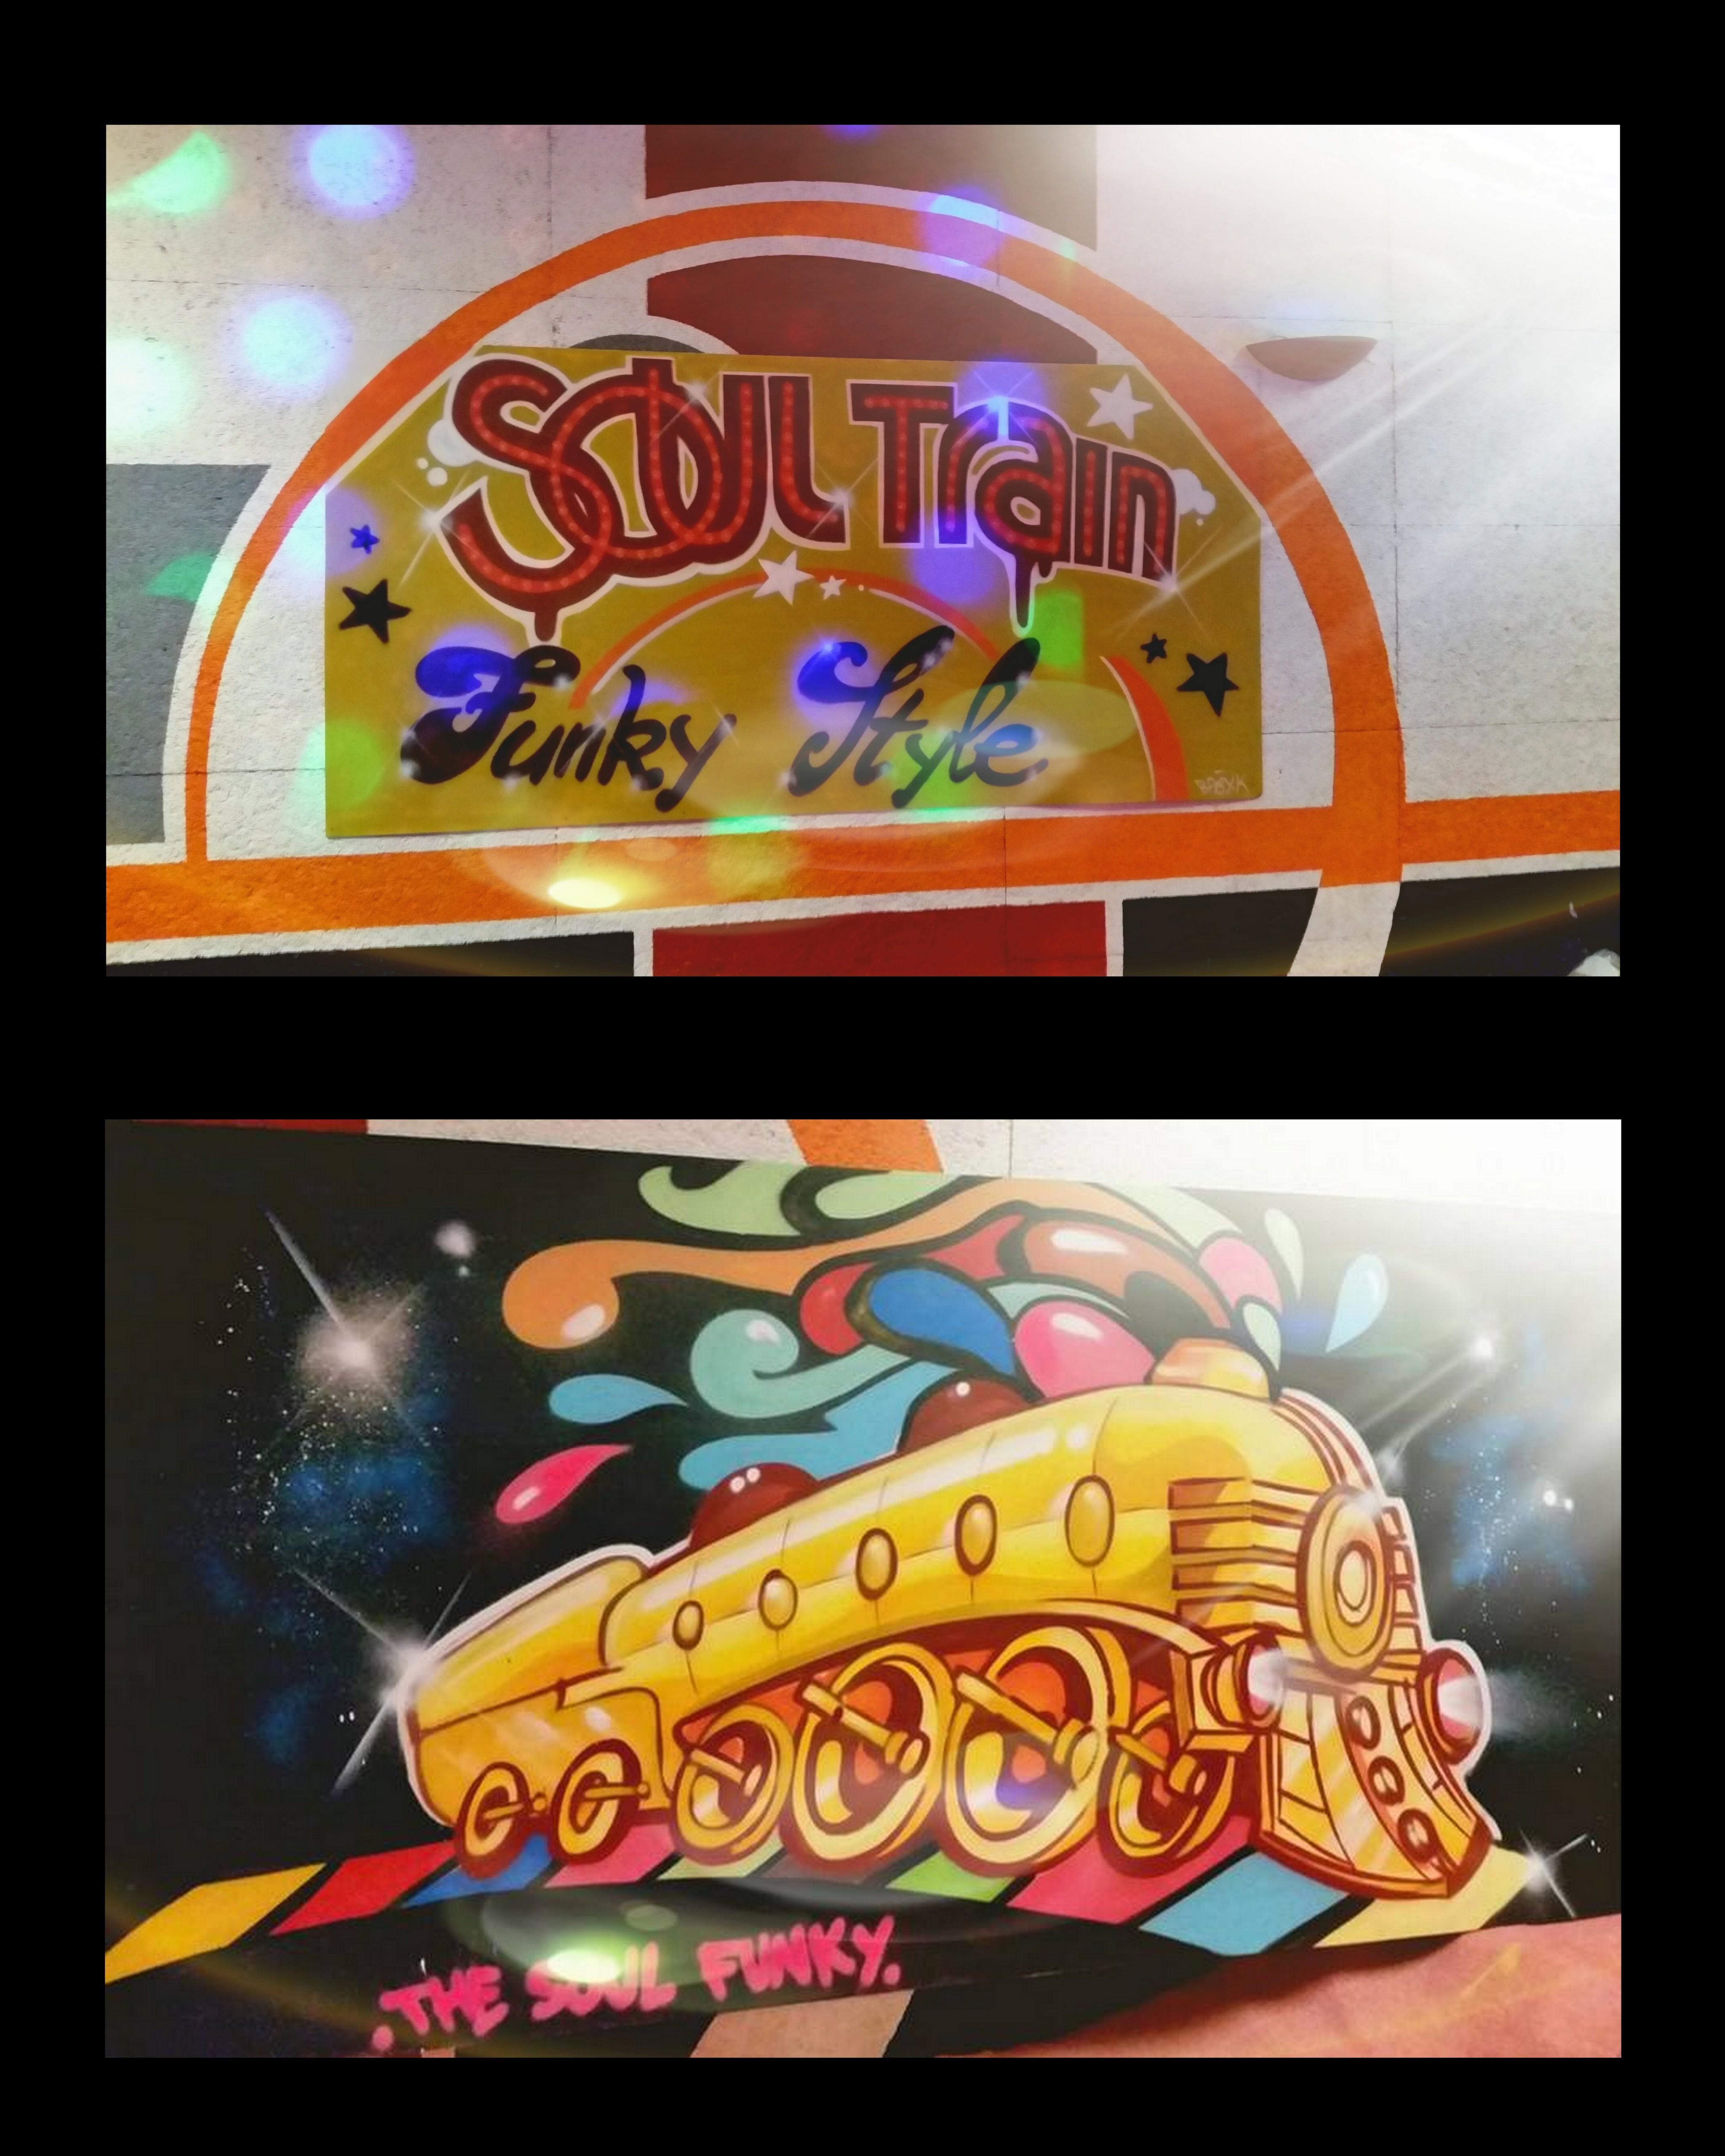 Soul train bressuire 2014 baby k - Garage mercedes bressuire ...